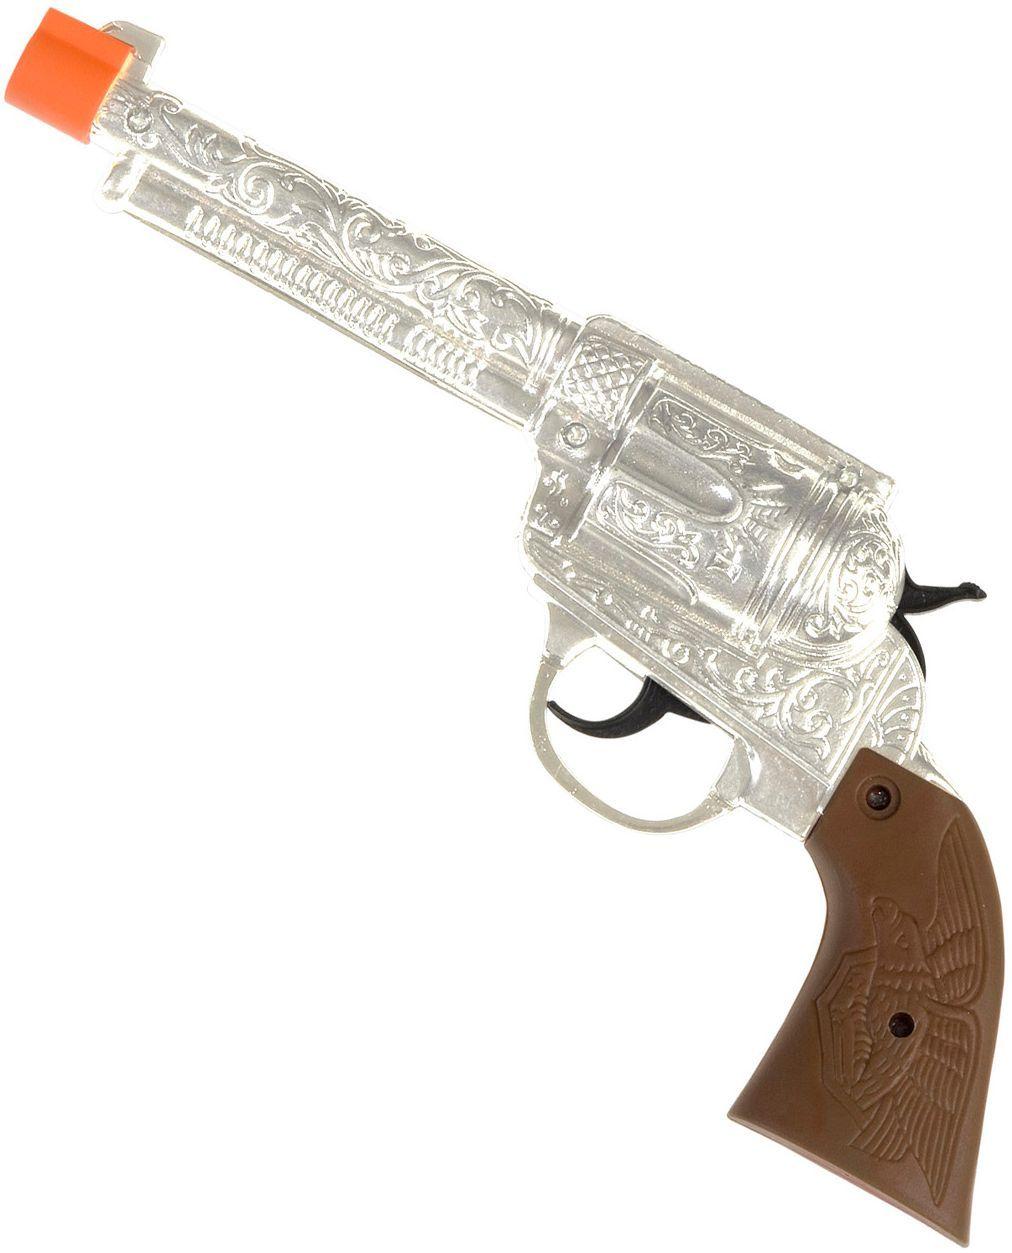 Cowboy revolver zilver